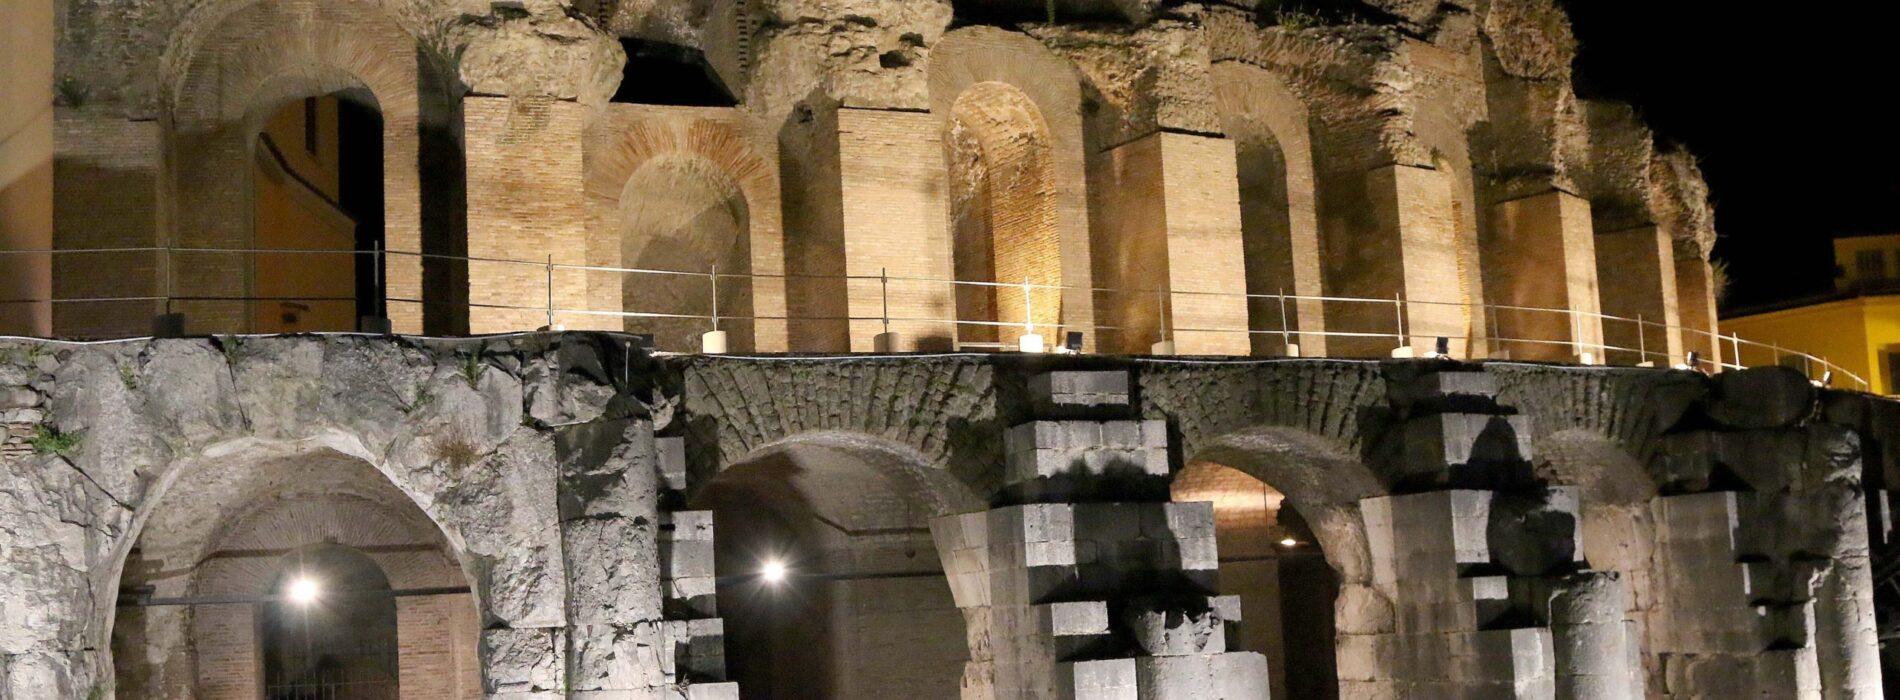 Anfiteatro Campano, apertura straordinaria e spettacoli serali